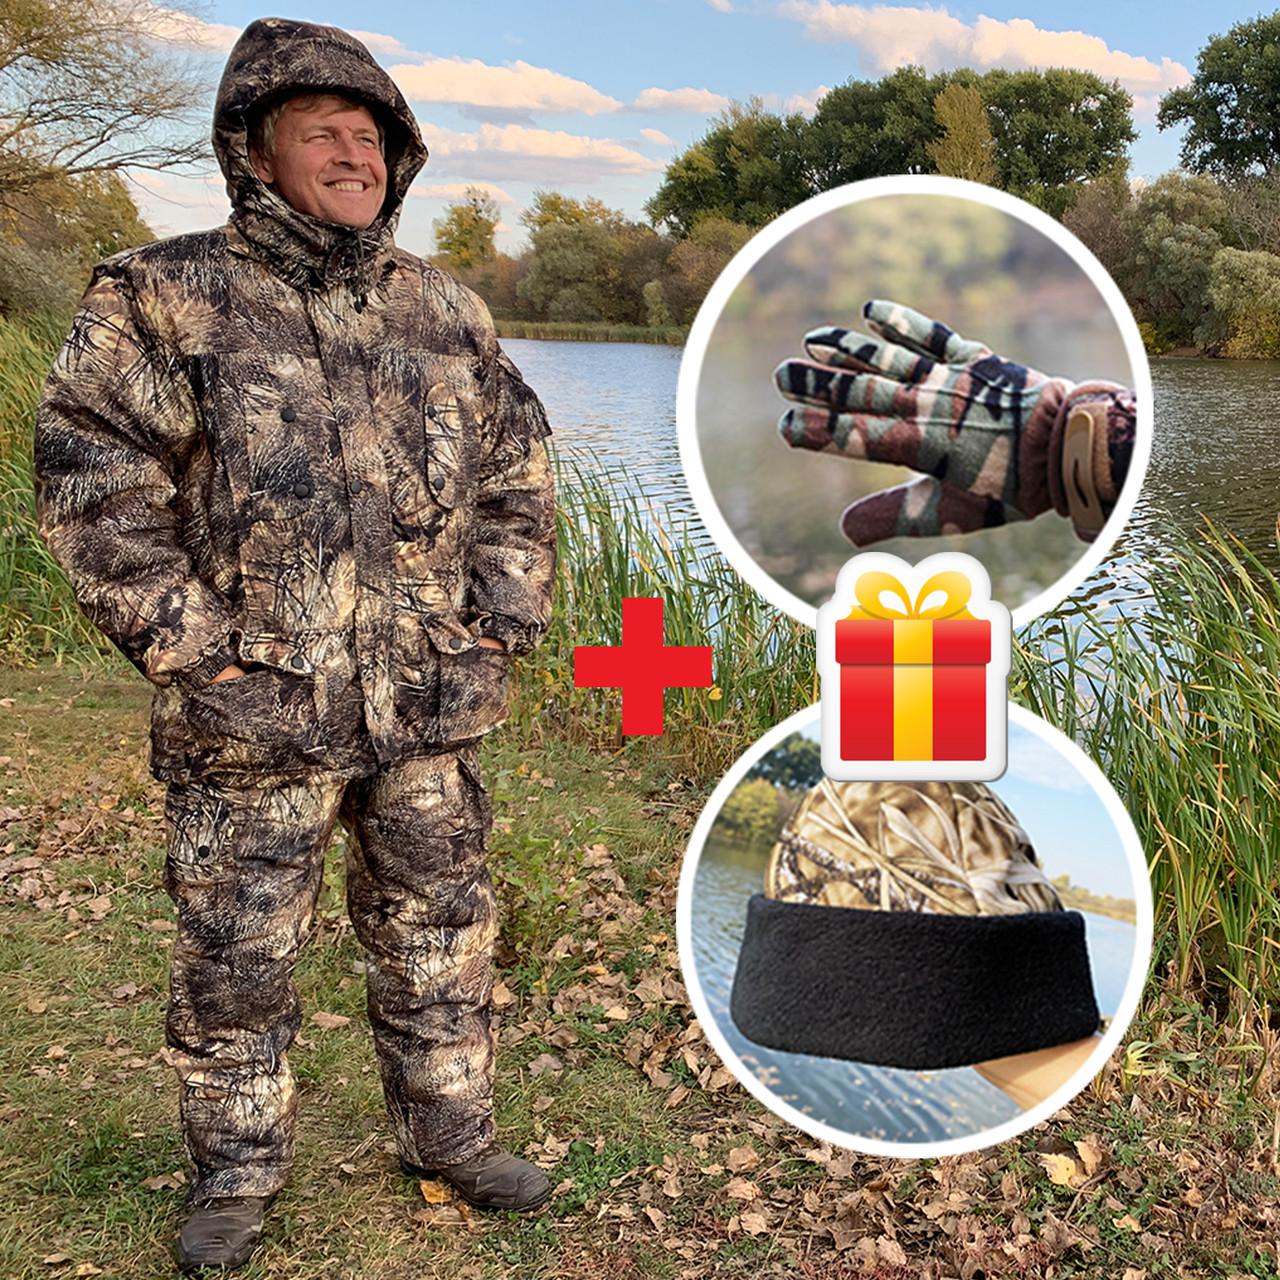 """Зимовий костюм до -40° """"Mavens Зубр"""" Хижак, для риболовлі, полювання, роботи в холоді, розмір 64-66 (031-0028)"""